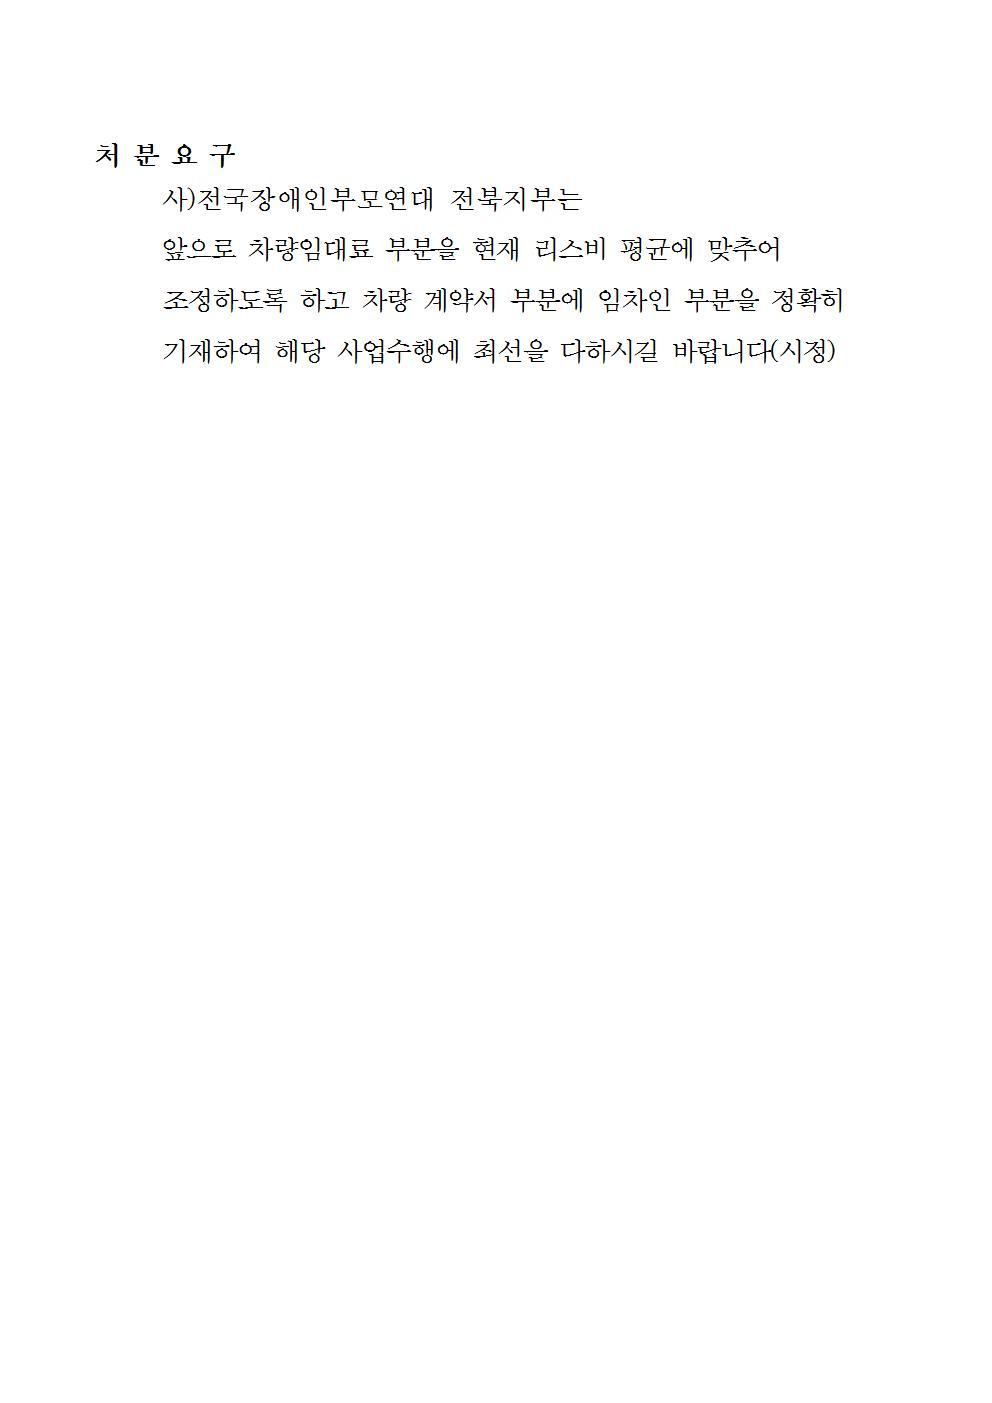 붙임) 처분요구서_전주시 생활복지과-37898(2017.9.1)호(공개용)014.jpg